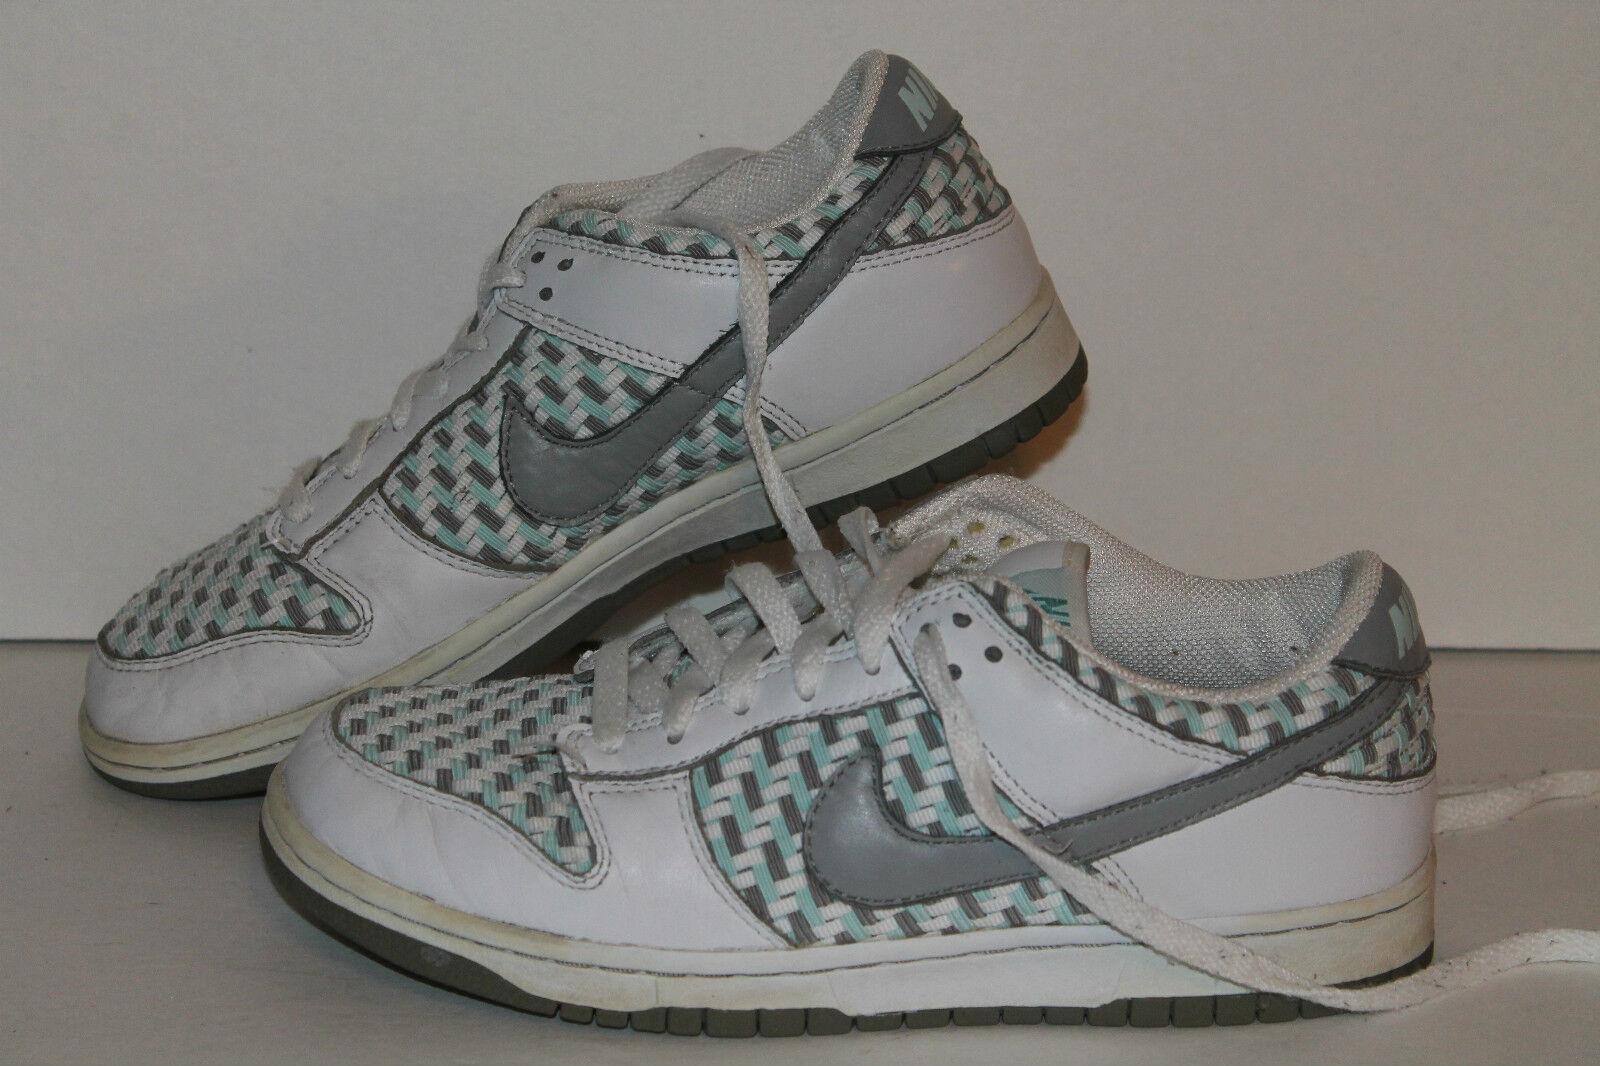 nike e basso occasionale, scarpe da da da ginnastica, cosa / gry / pallido grigio - verde, le donne noi 8 | Ad un prezzo accessibile  | Exit  | Uomo/Donne Scarpa  960af1